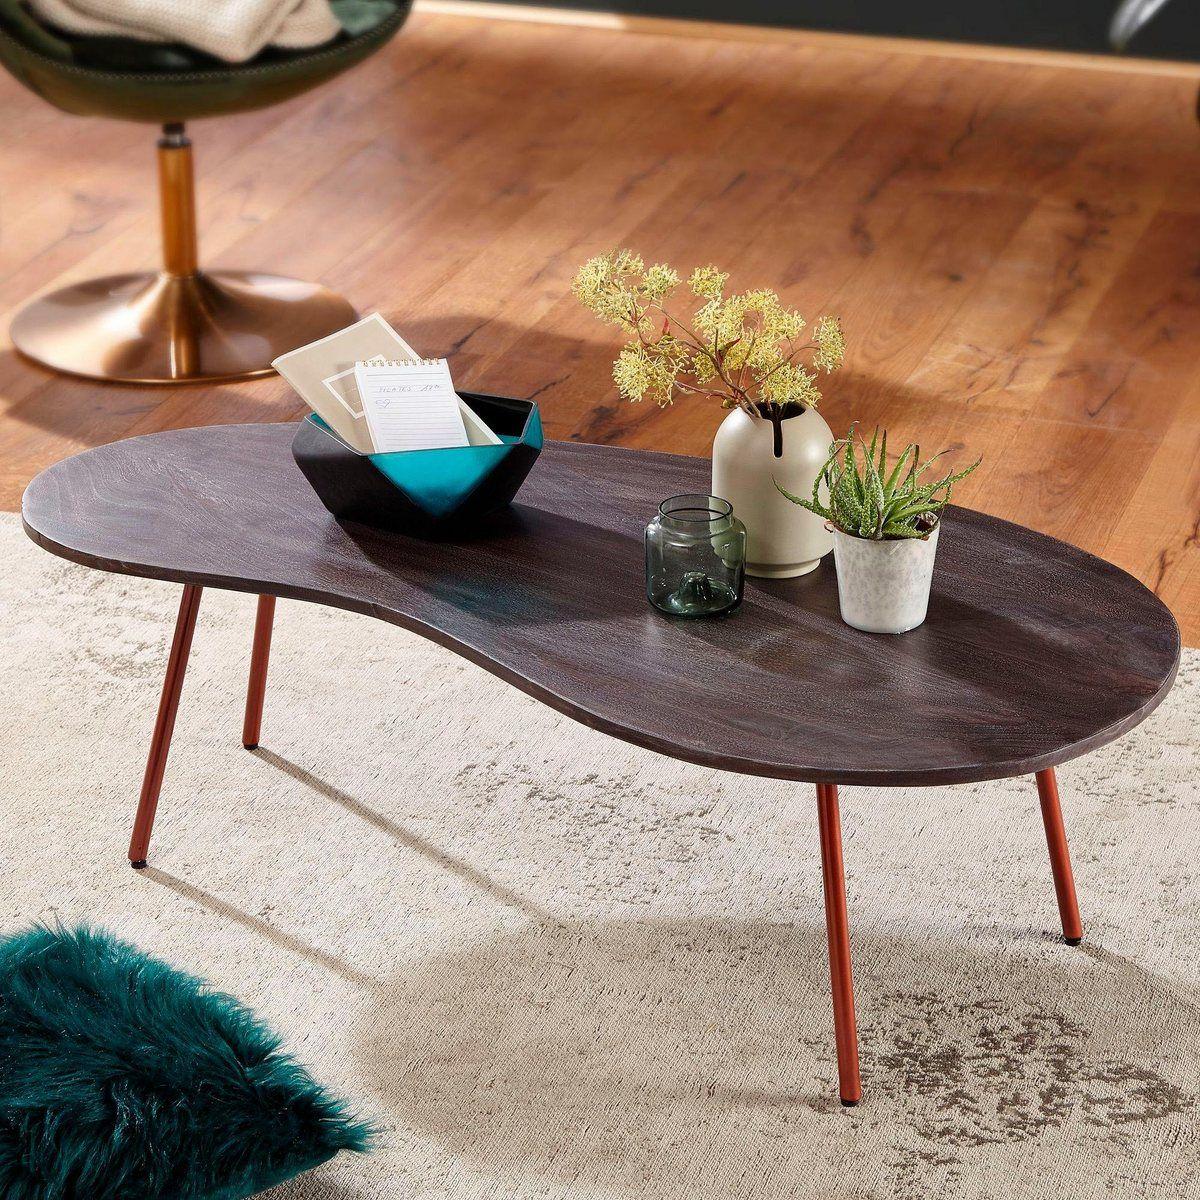 BestLoft Couchtisch Beistelltisch Sofatisch massive Eiche Tisch Wohnzimmertisch